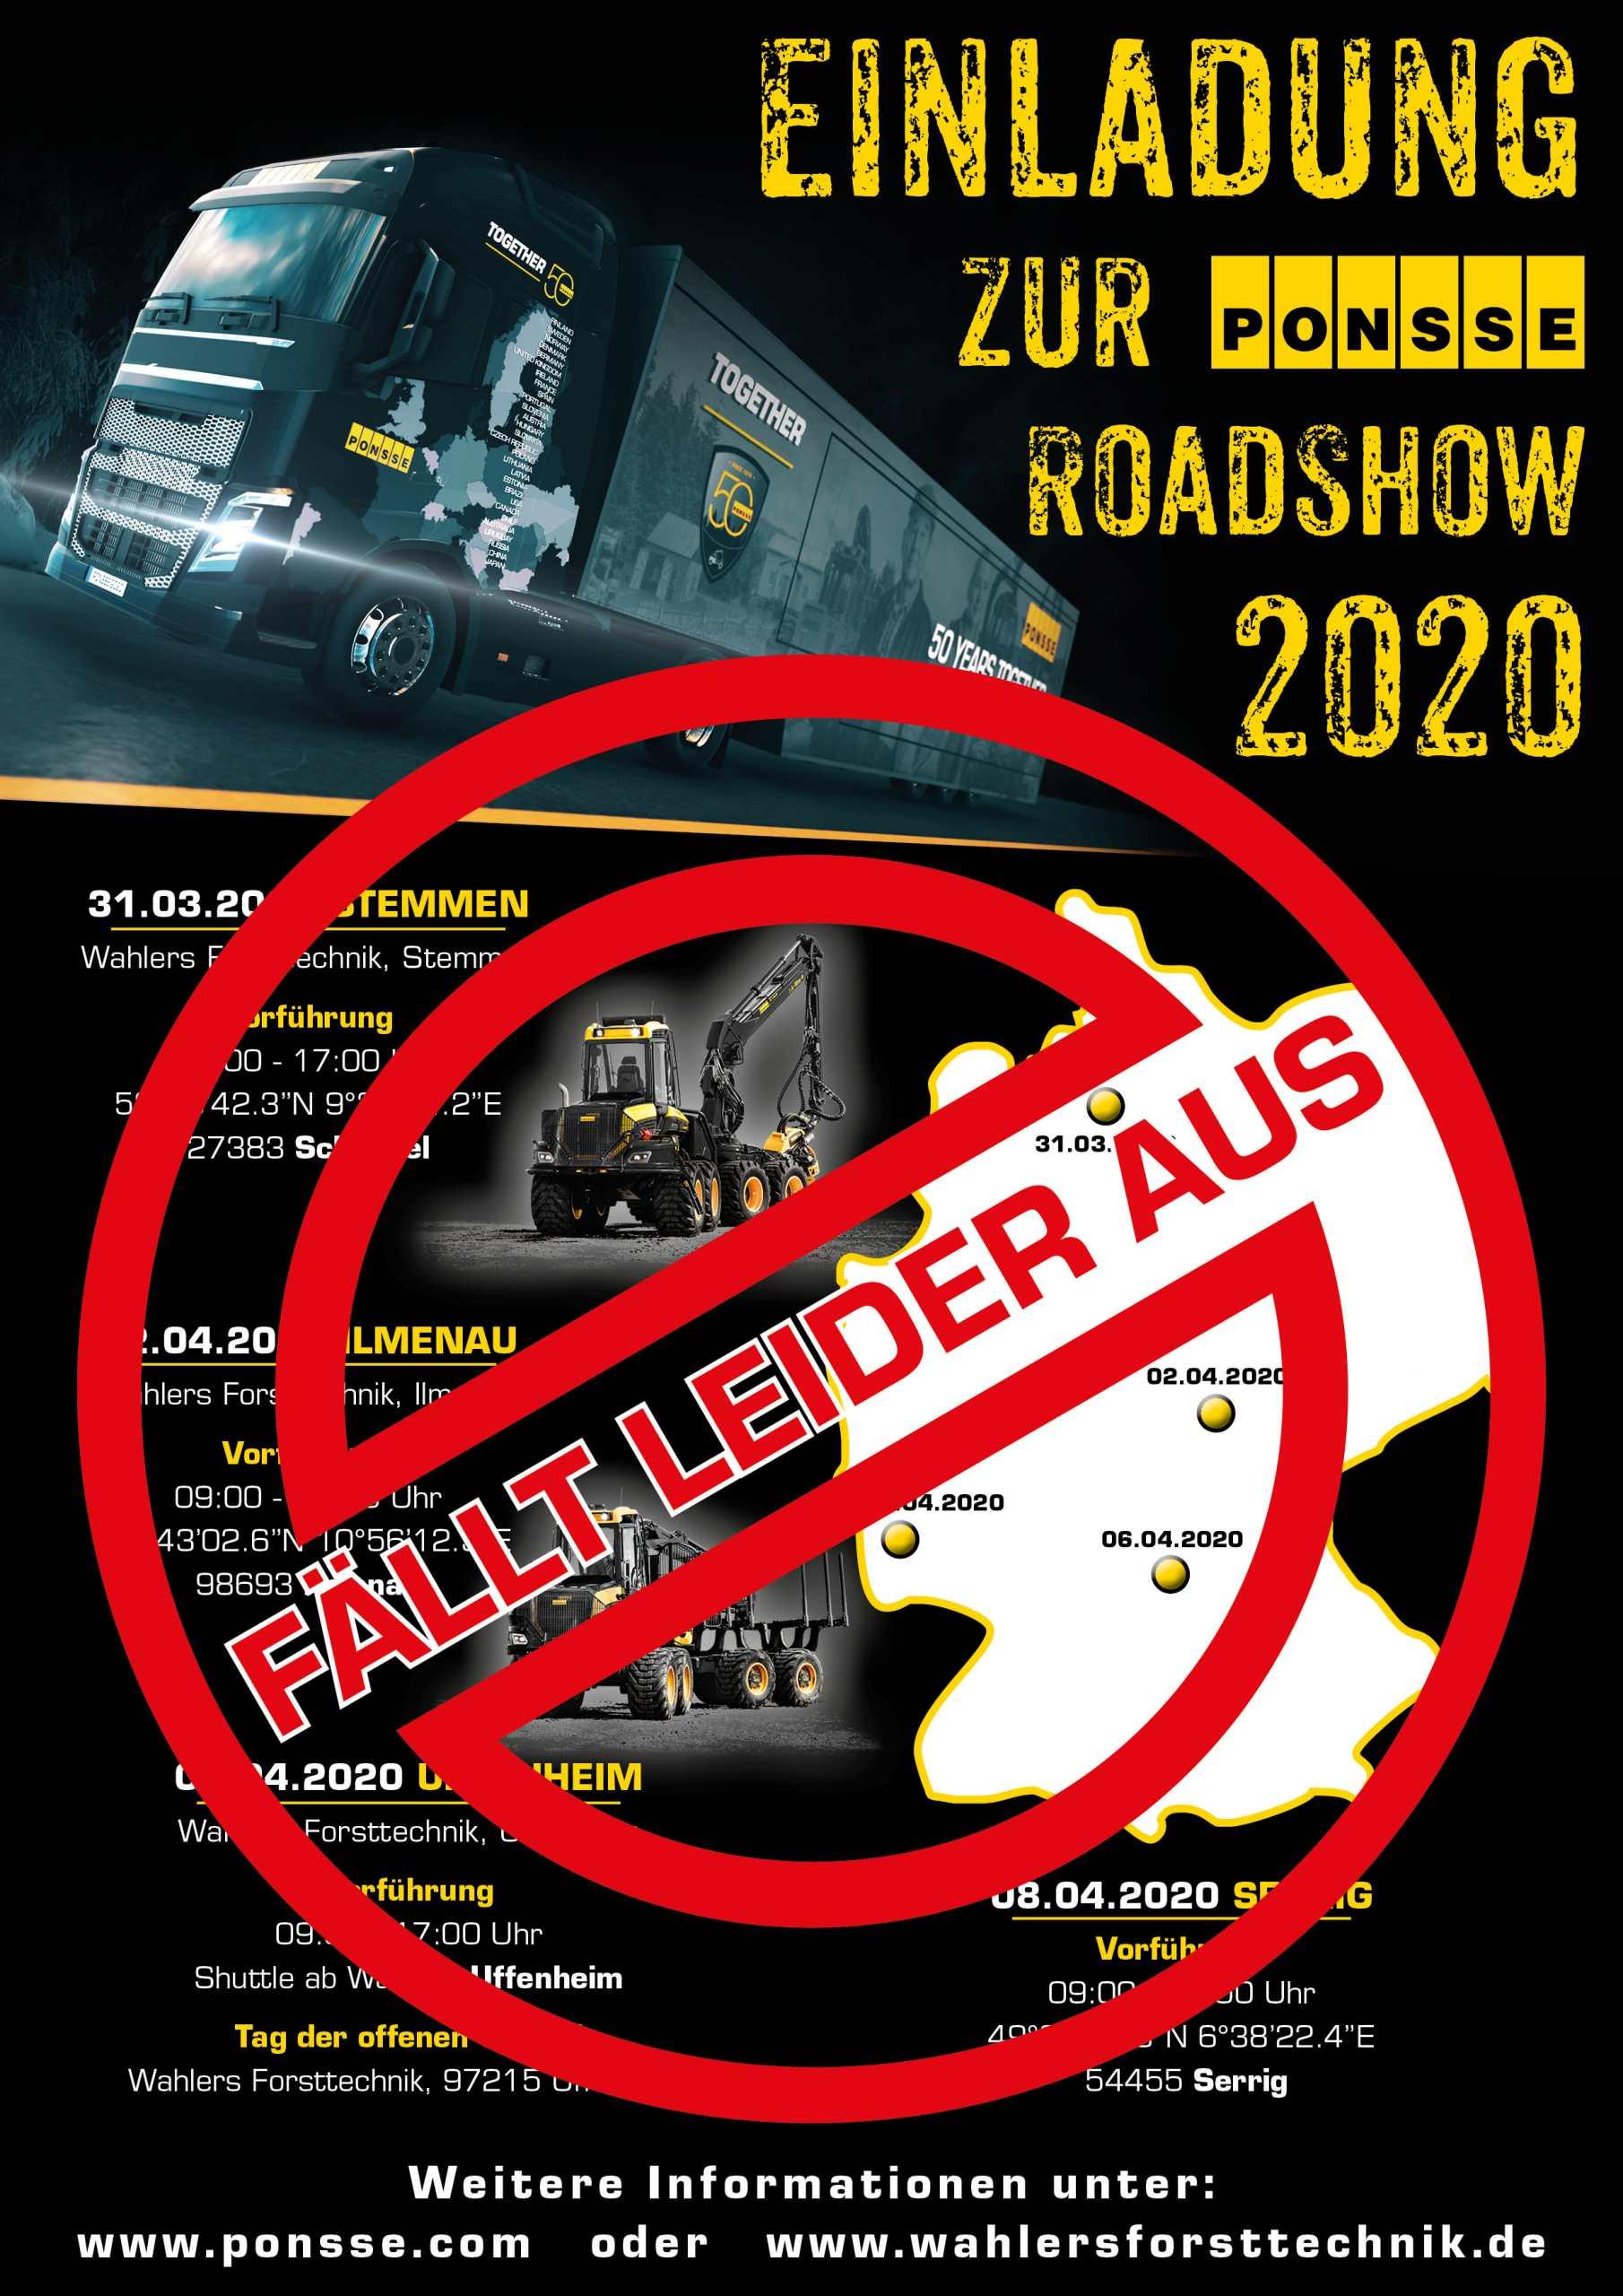 Absage Der 50 Jahre Roadshow